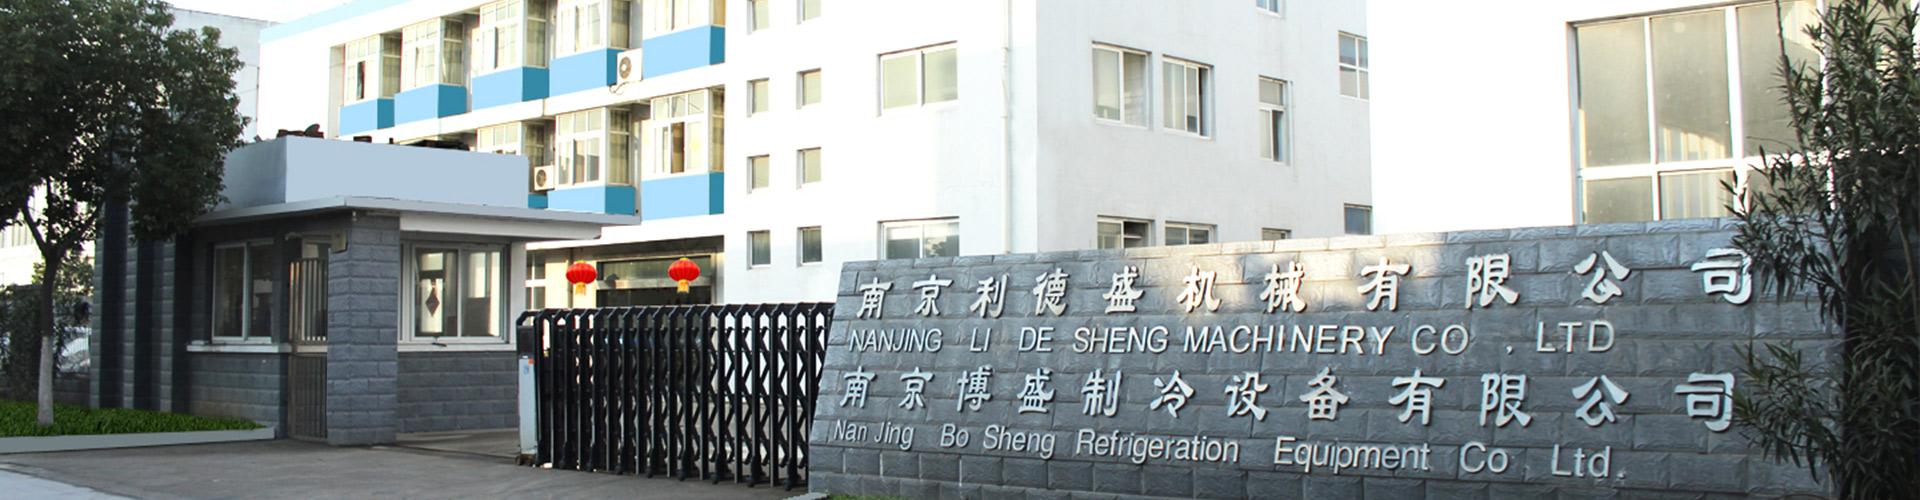 南京博盛制冷设备有限公司厂景介绍图片